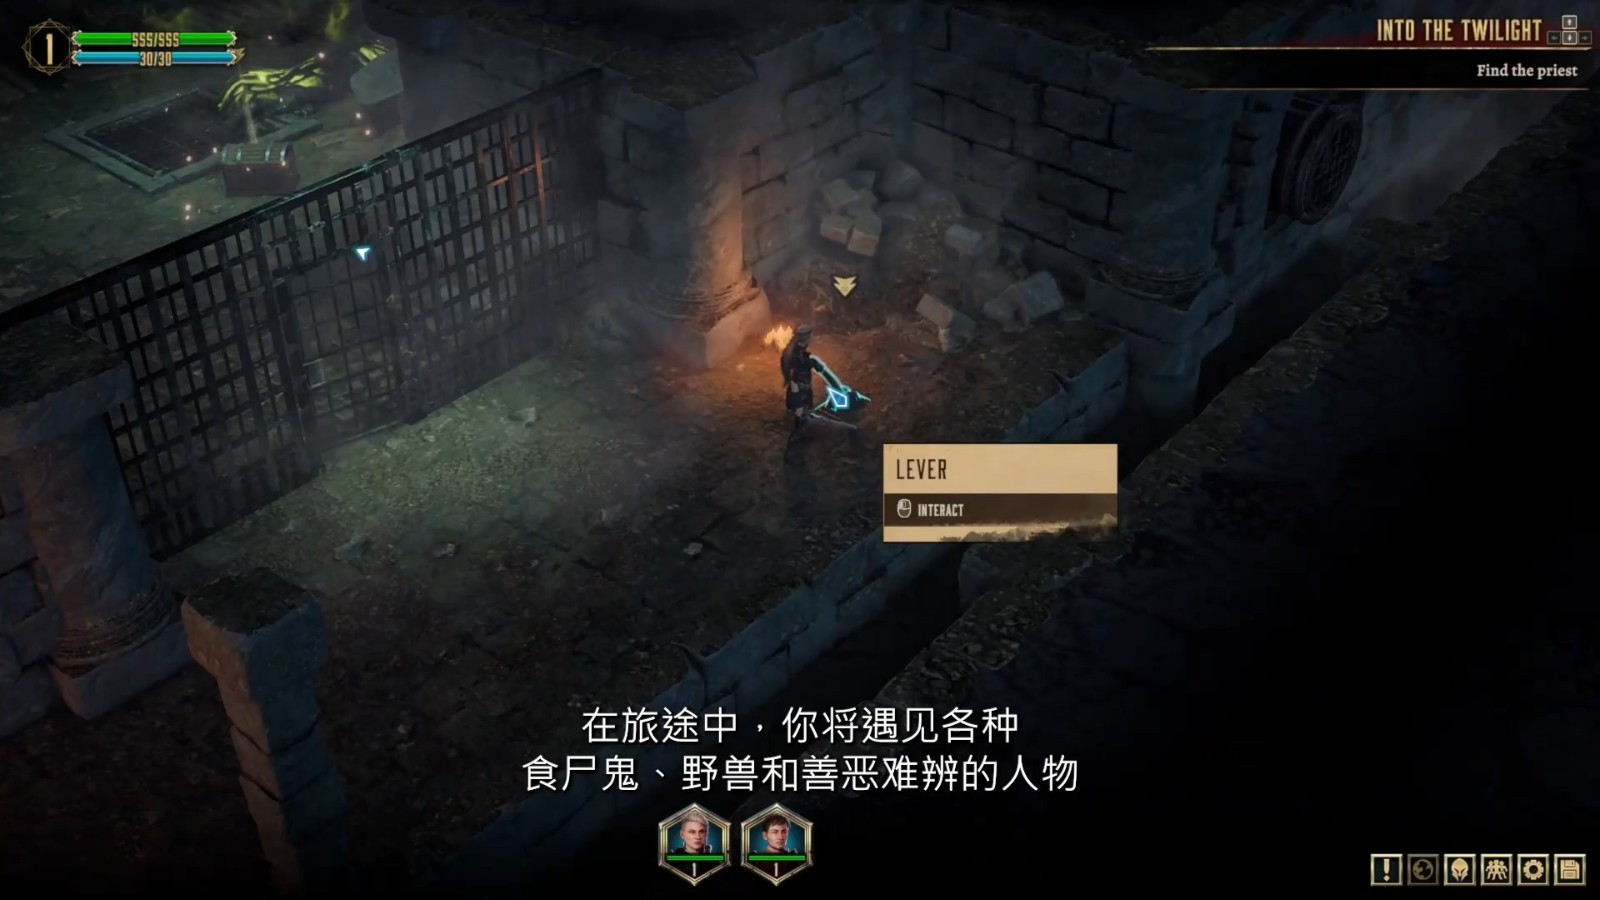 高能电玩节:《圣战群英传:解放》实机预告插图11